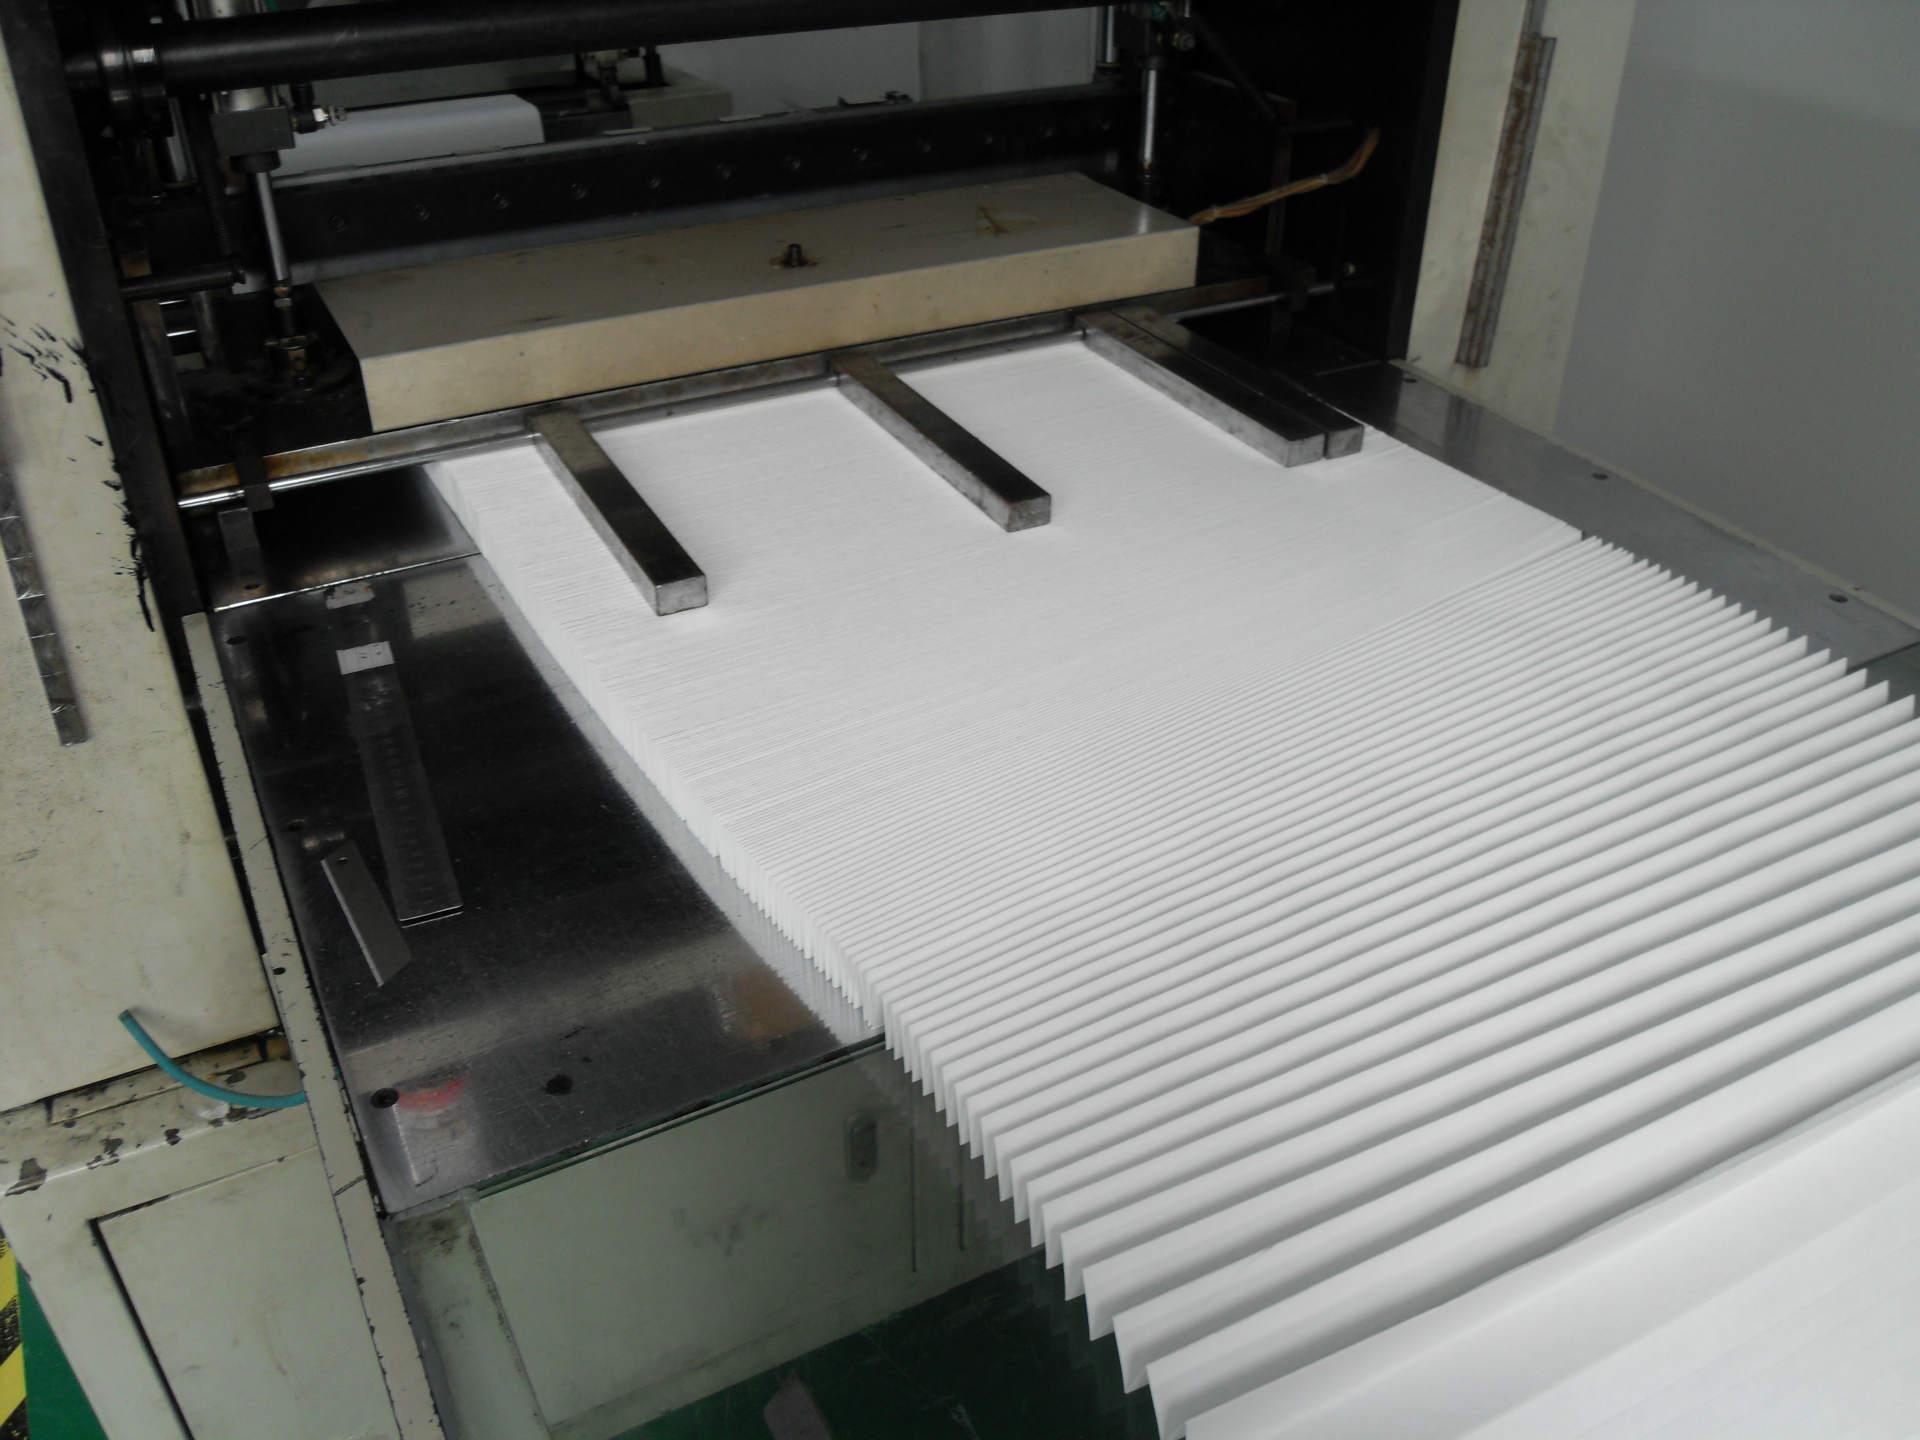 Nguyên liệu sản xuất khác Nguyên liệu sản xuất khác Sản xuất bộ lọc  HEPA, lọc khí